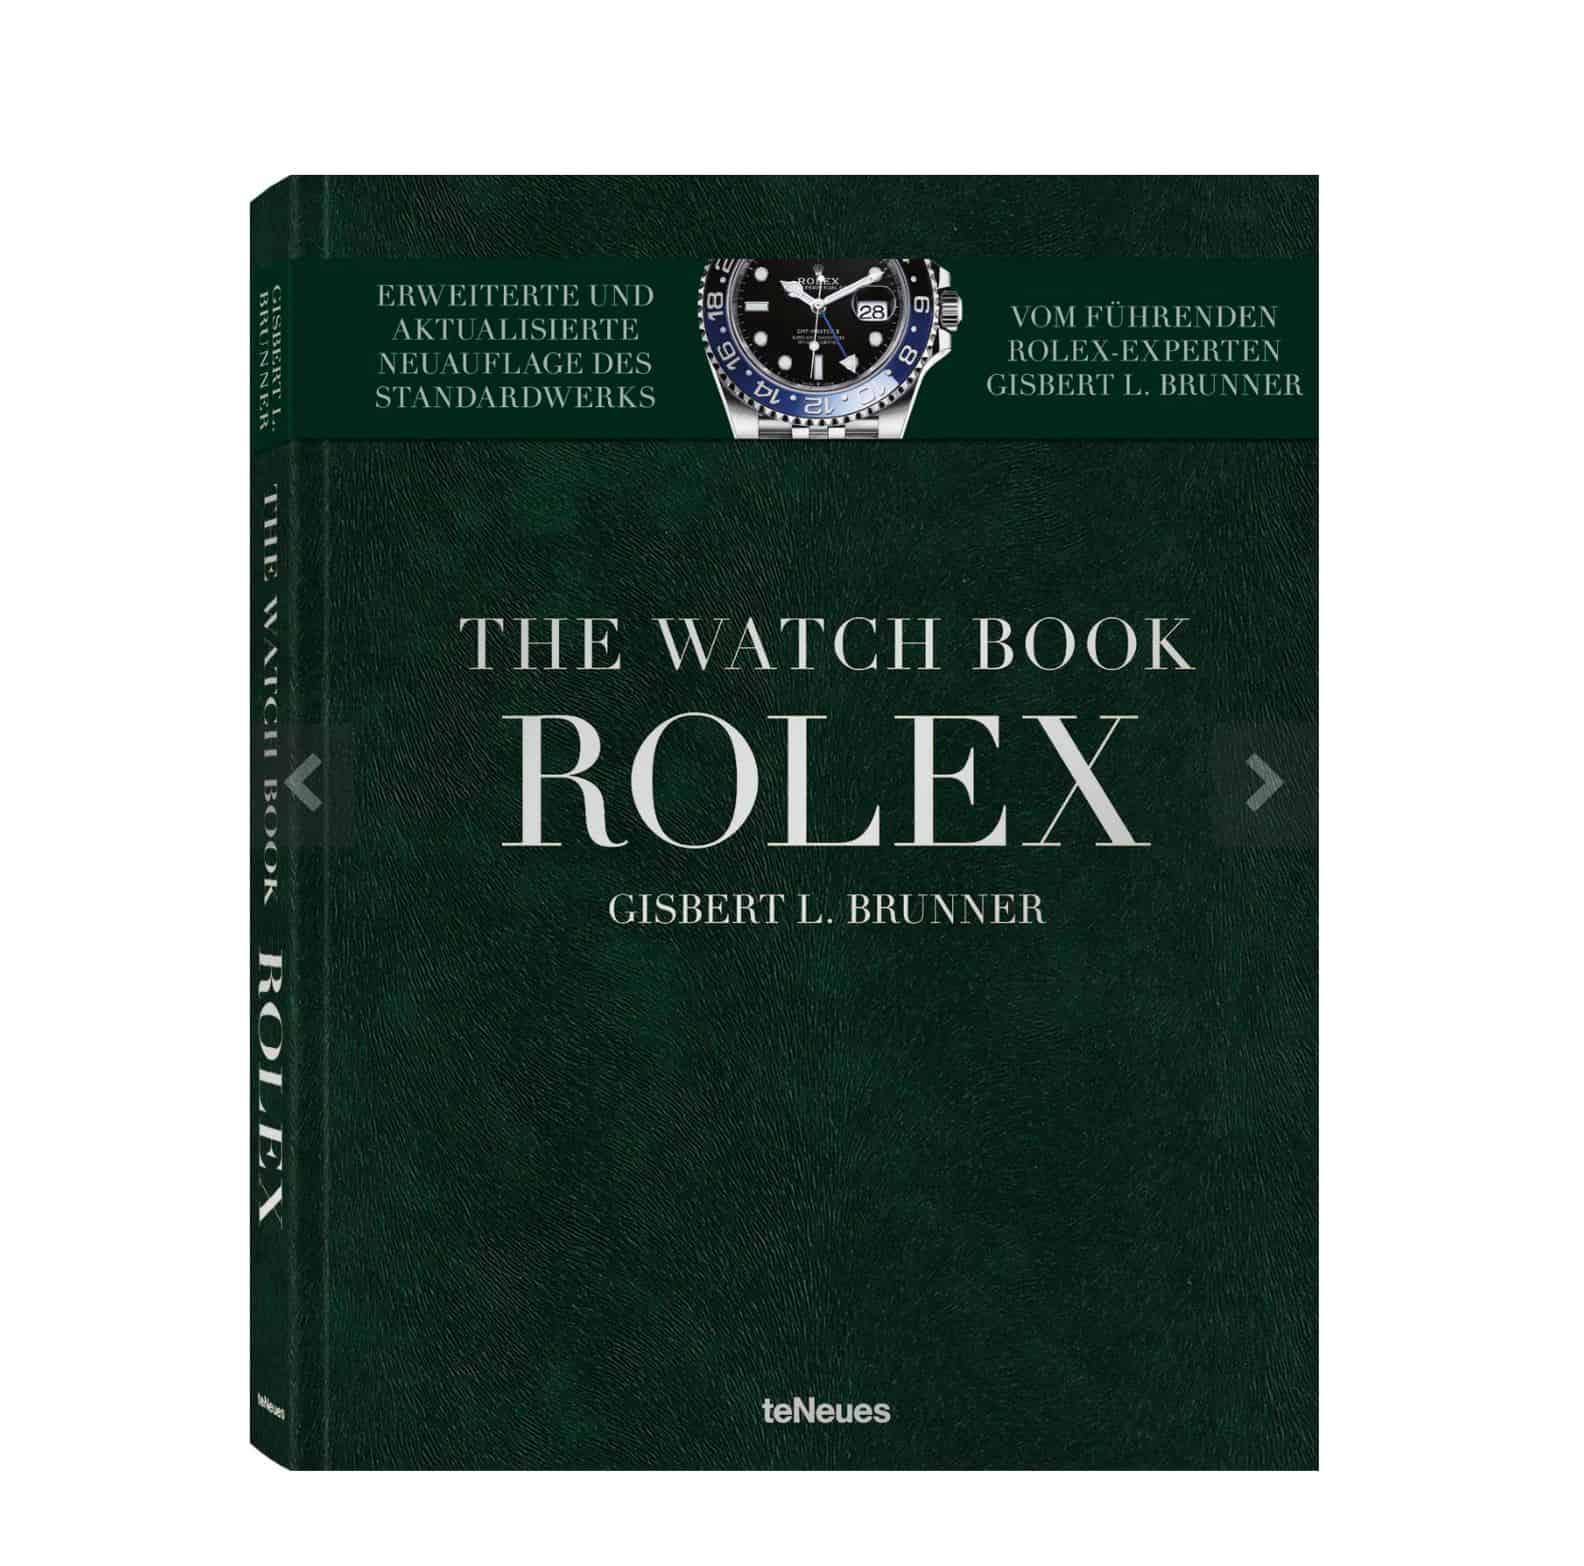 Ein umfassendes Werk über die Uhrenmarke Rolex